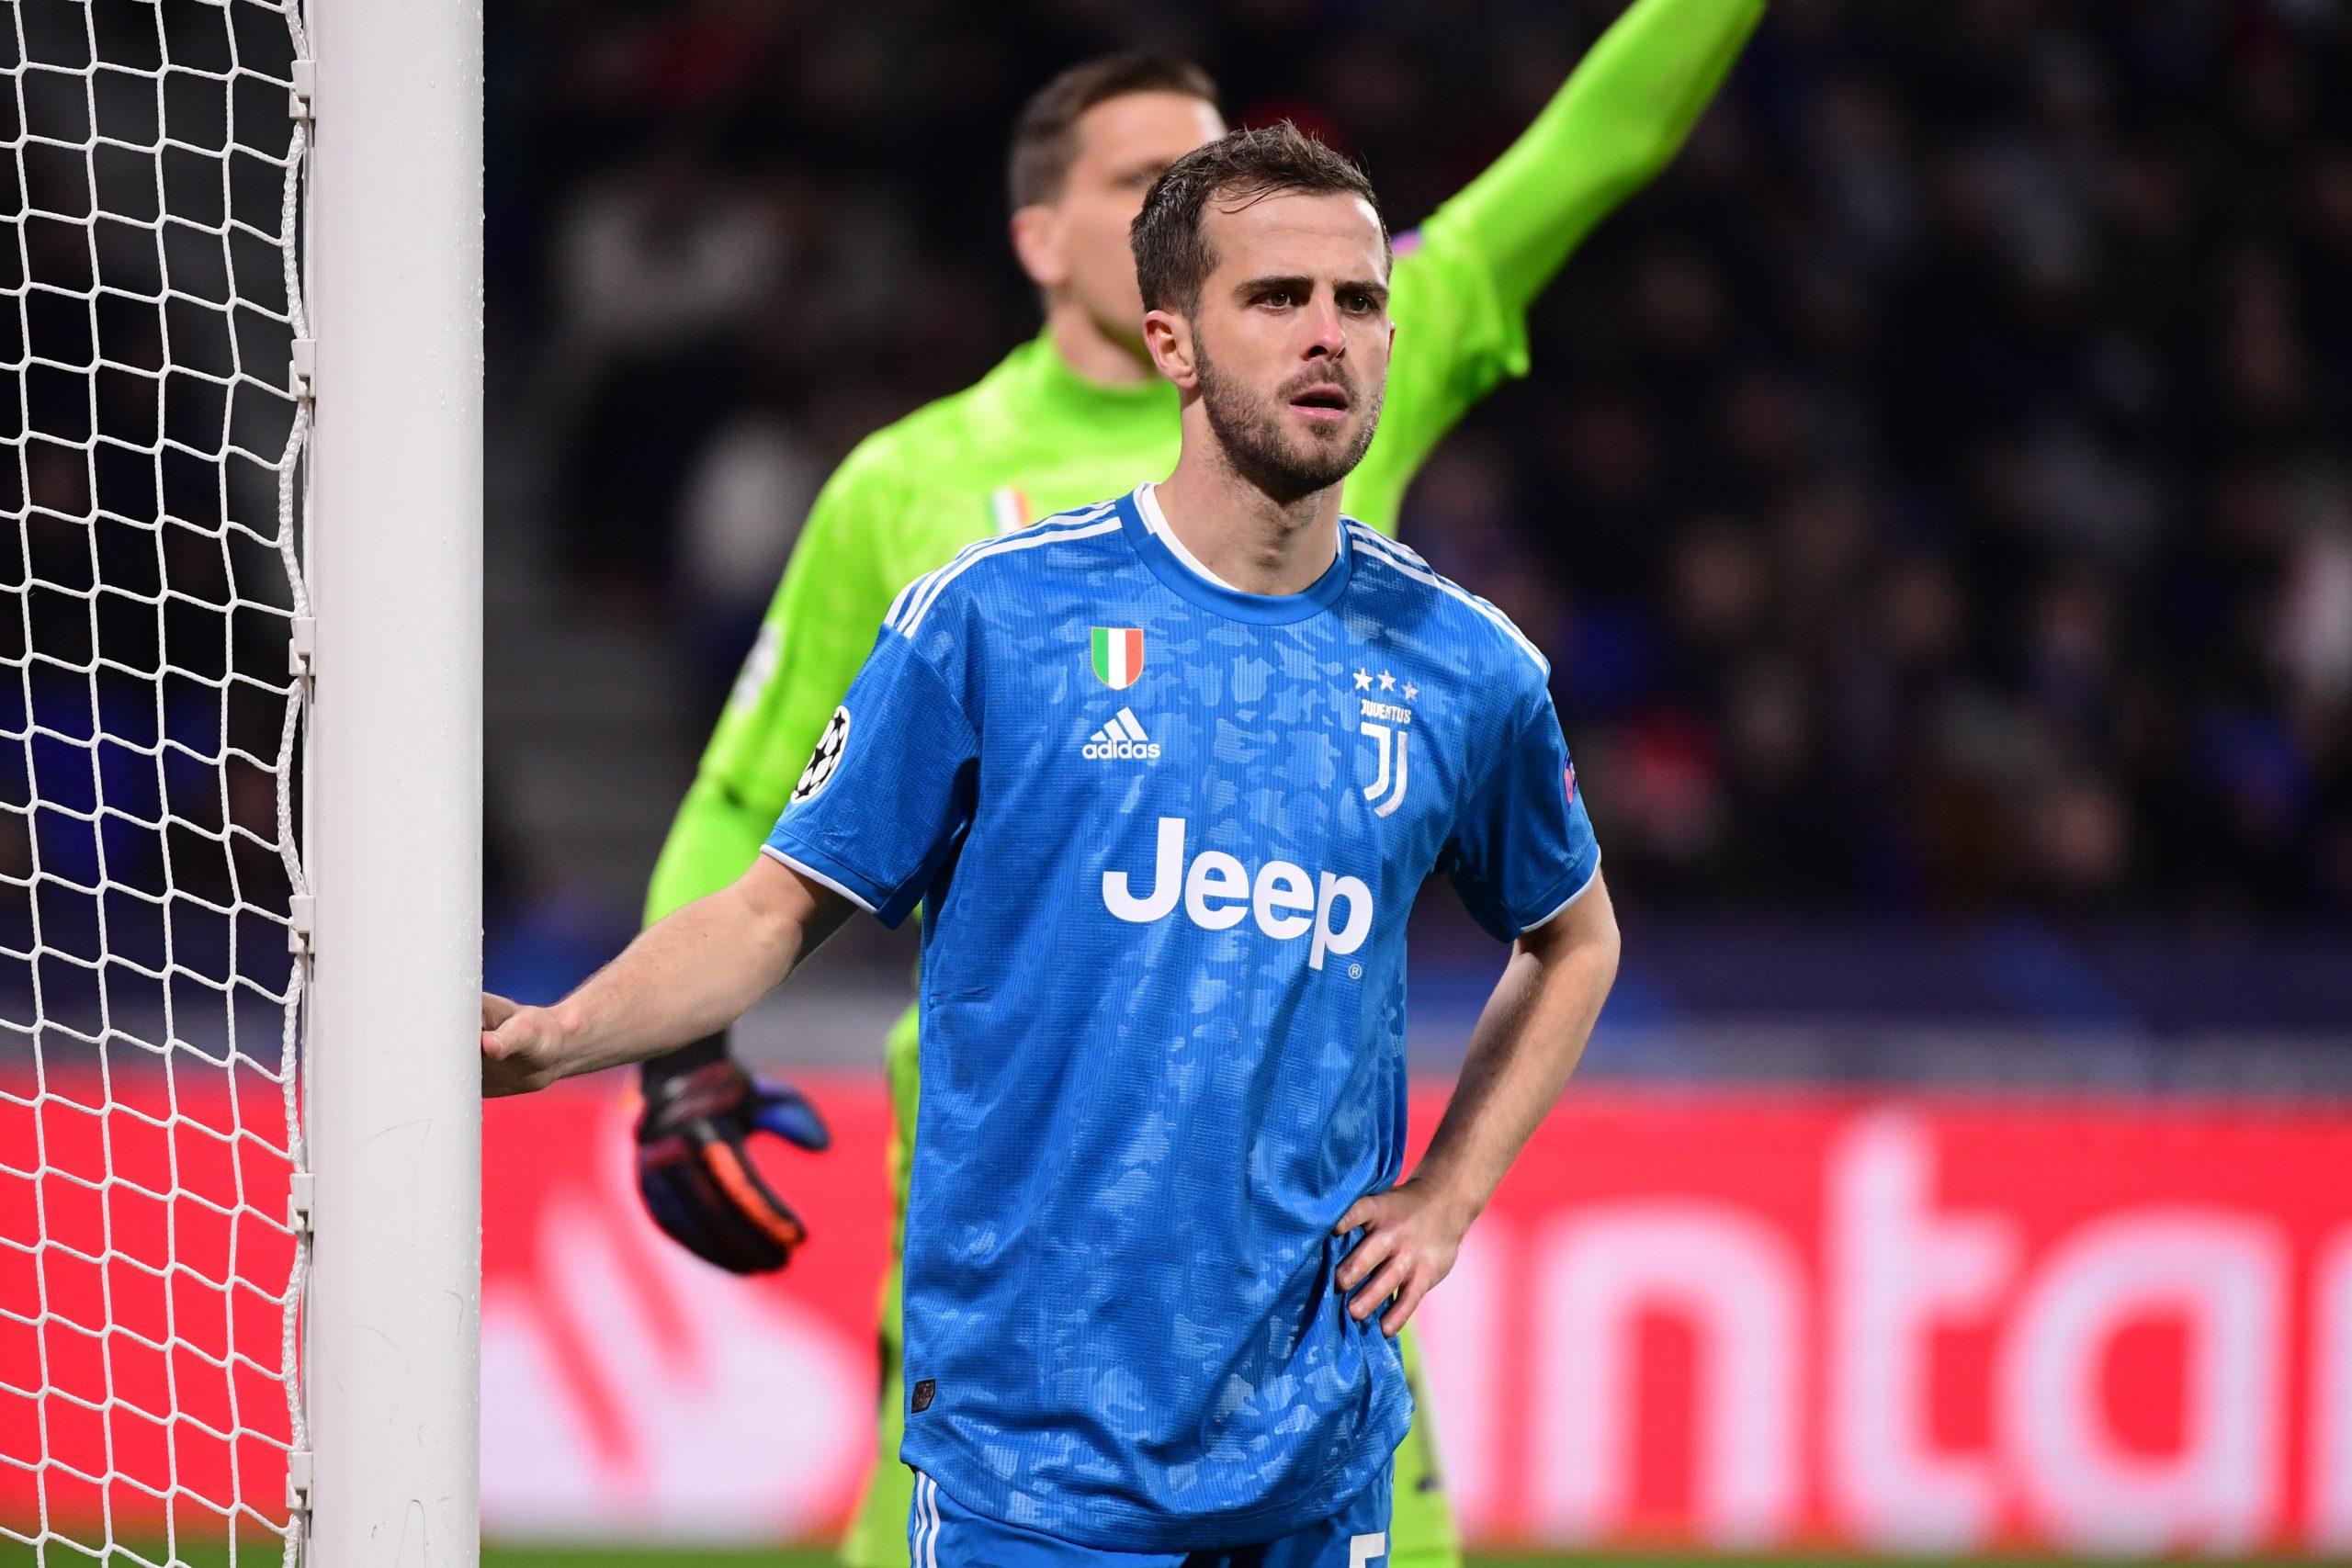 Mercato - L'échange entre Pjanic et Arthur avance, mais le PSG est prêt à proposer Paredes d'après Tuttosport